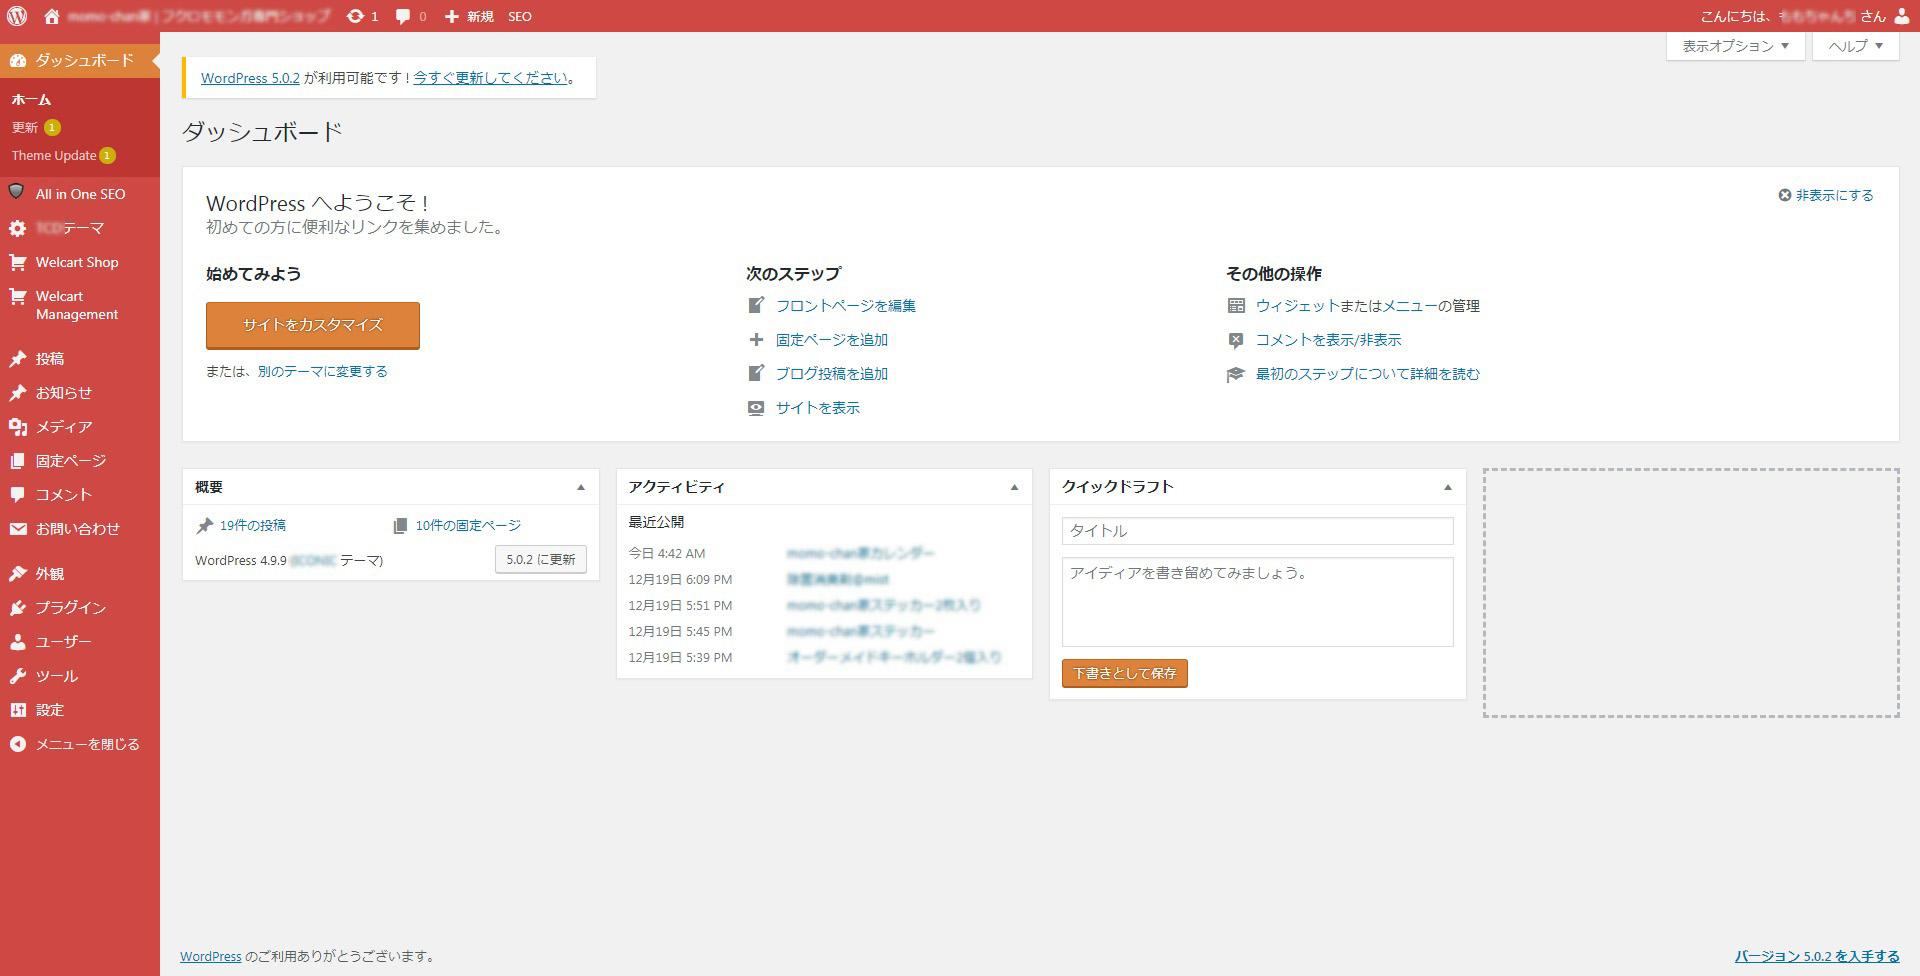 ホームページ管理画面